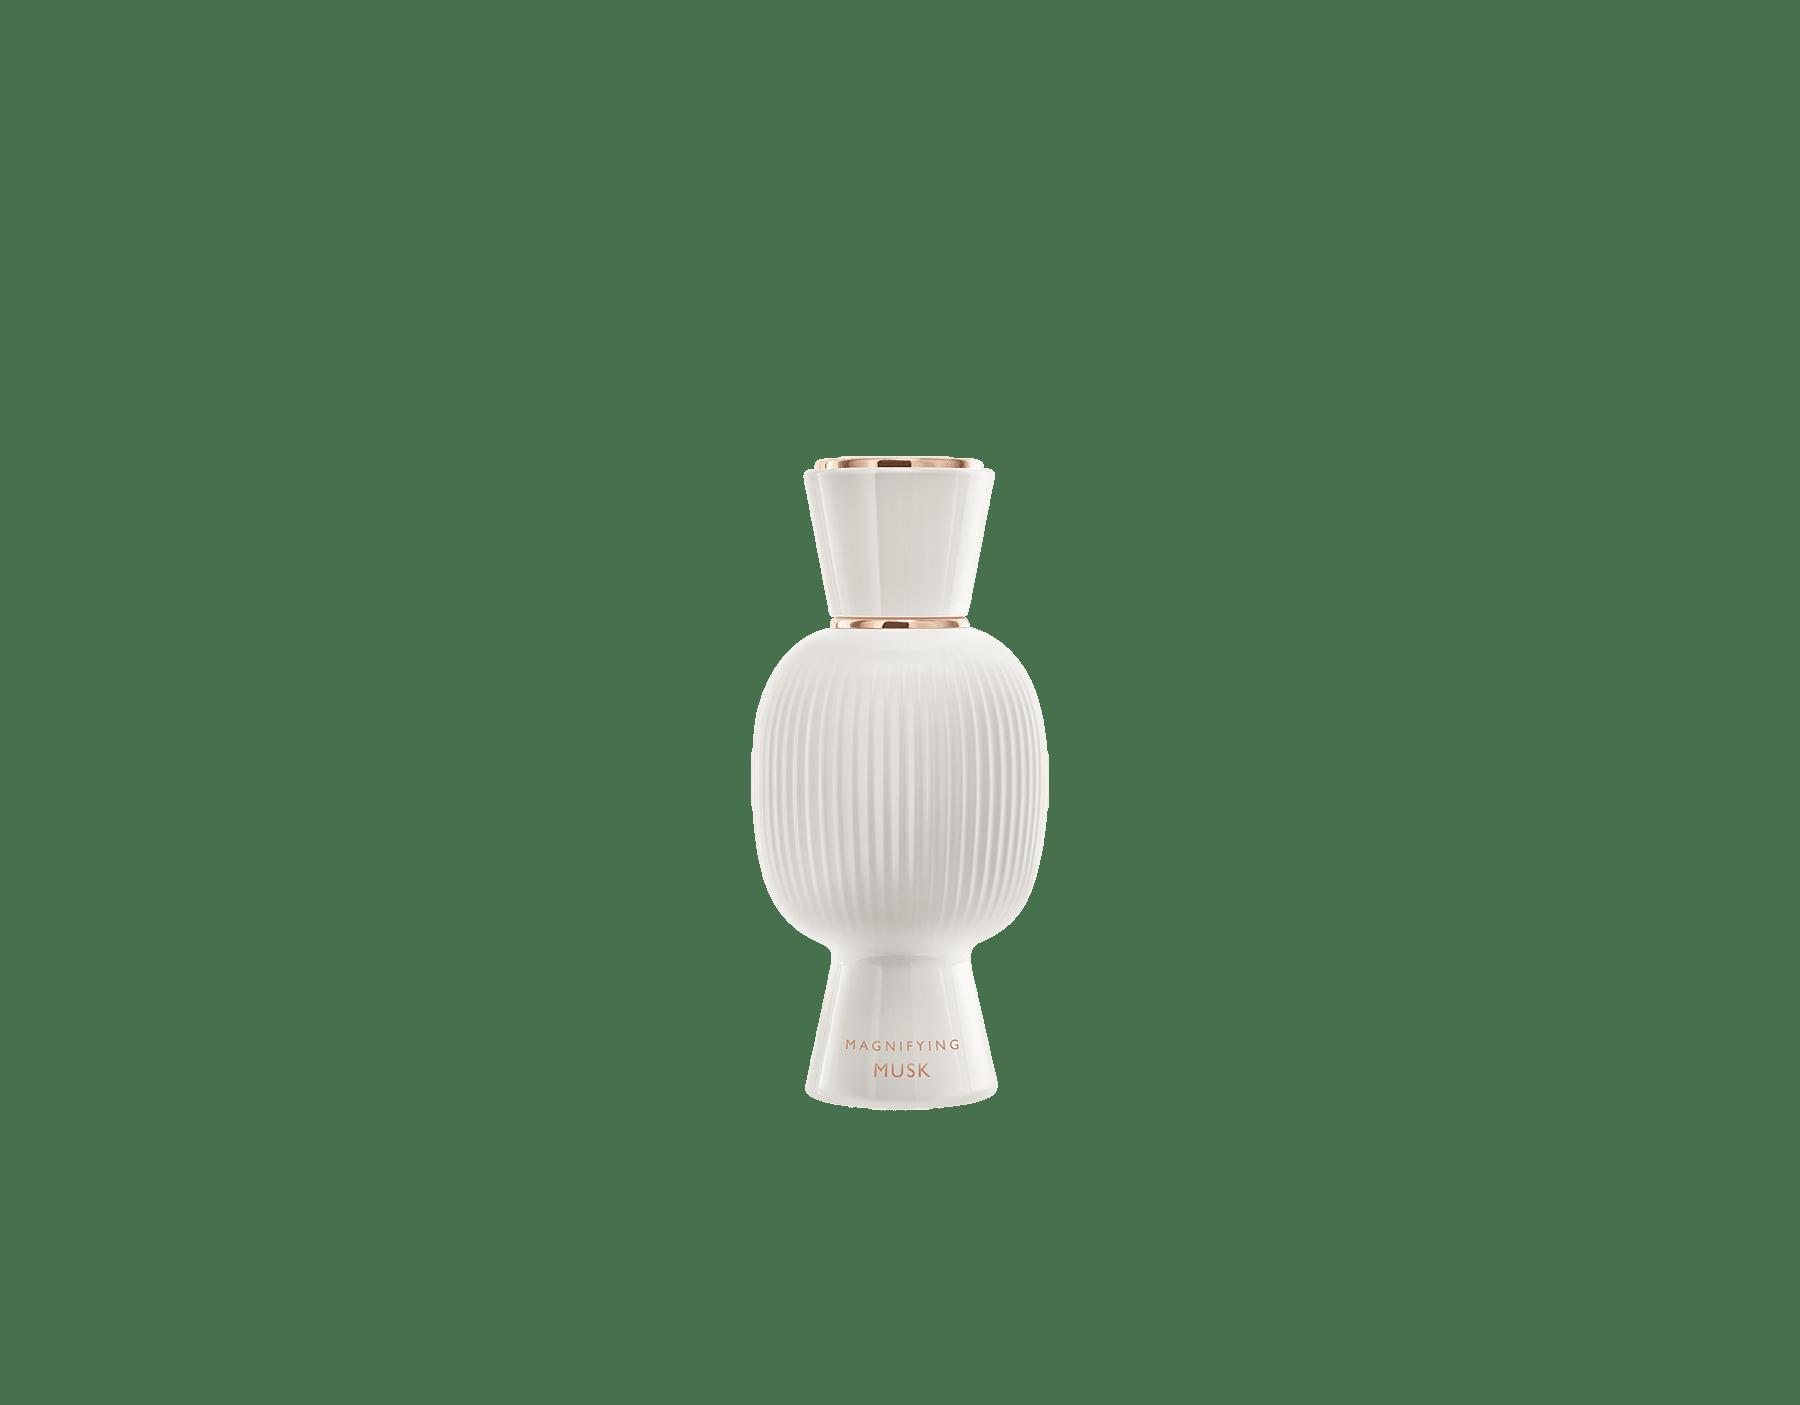 Эксклюзивный парфюмерный набор, вам под стать – такой же смелый и уникальный. В сочетании пьянящих цветочных нот парфюмерной воды Rock'n'Rome Allegra и теплого оттенка эссенции Magnifying Musk рождается неотразимый женский аромат с индивидуальным характером.  Perfume-Set-Rock-n-Rome-Eau-de-Parfum-and-Musk-Magnifying image 3